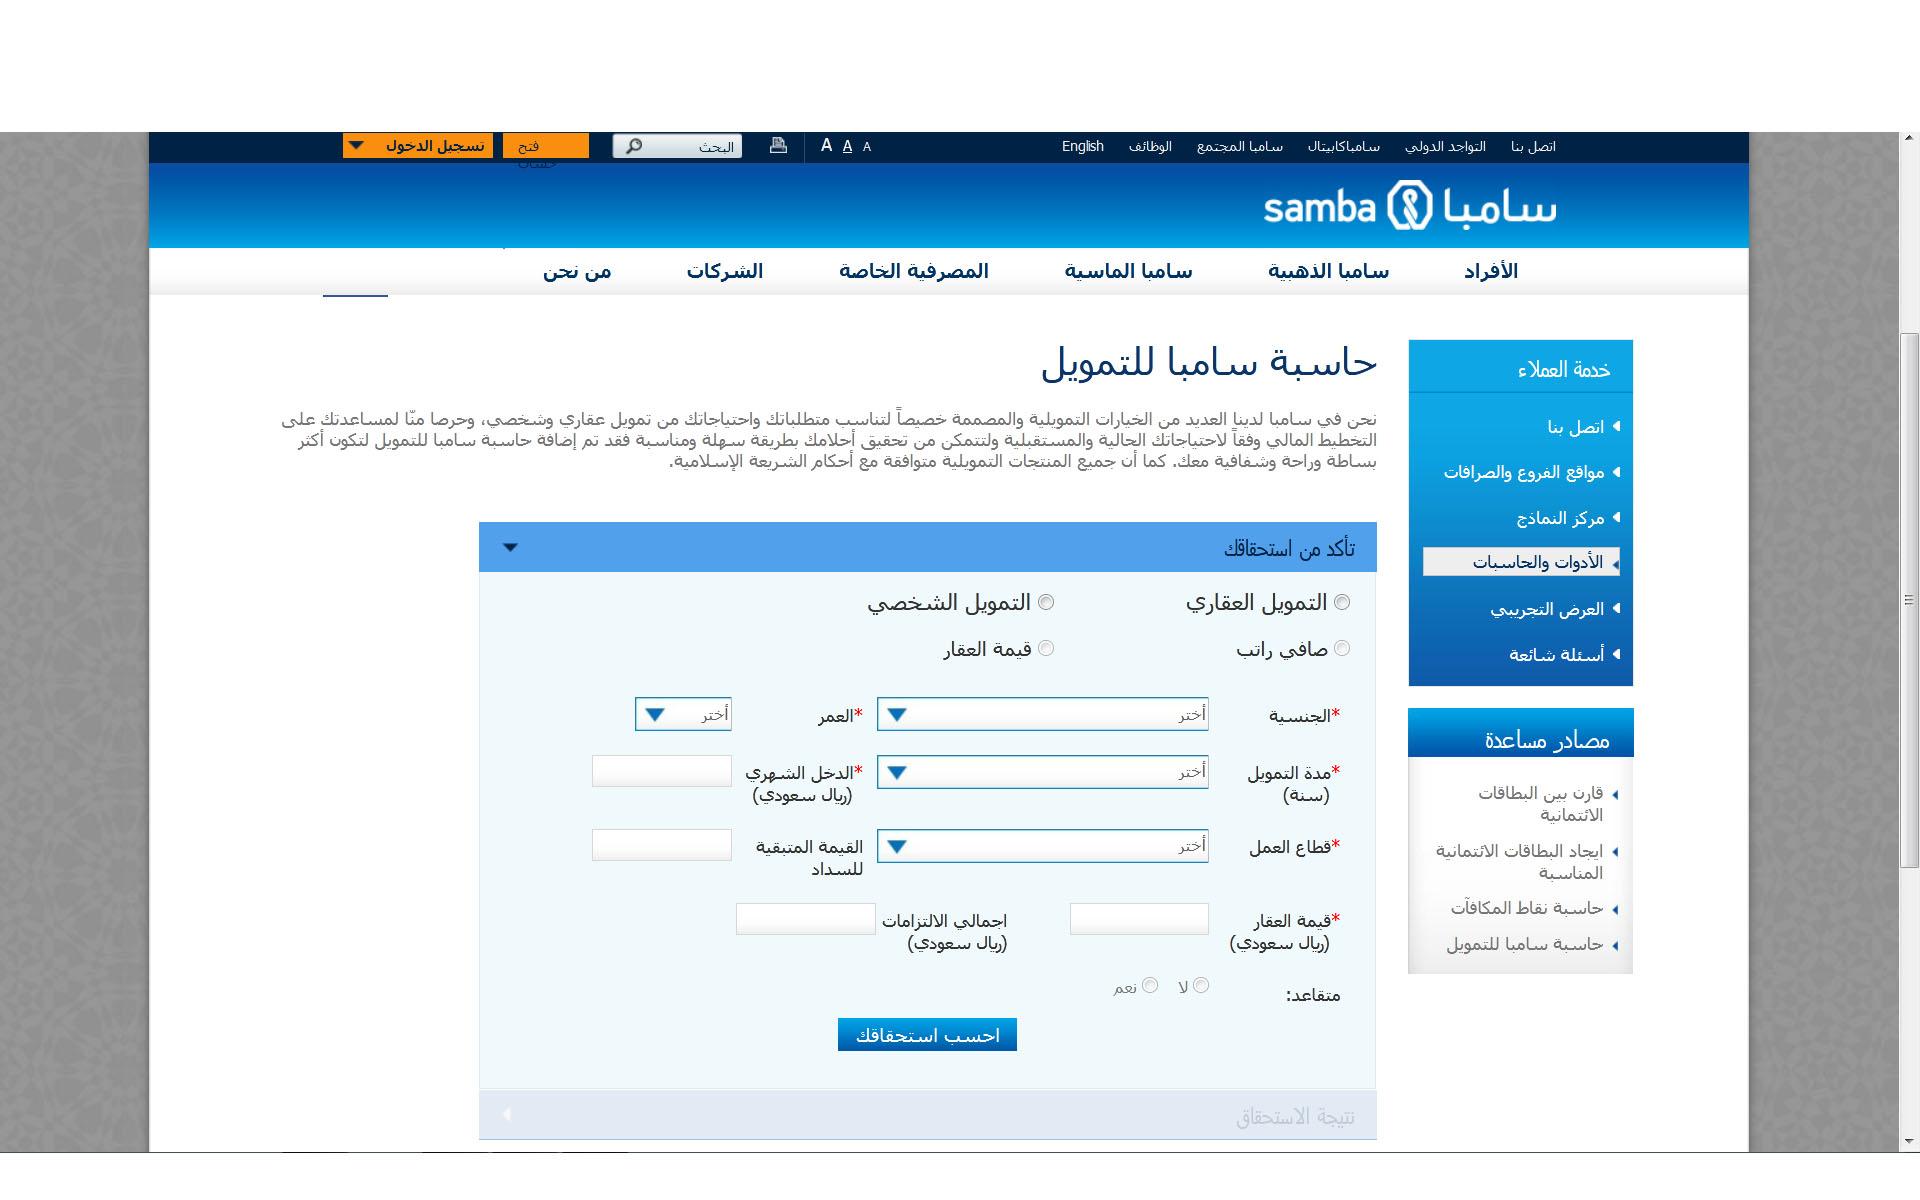 حاسبة التمويل الشخصي بمصرف سامبا